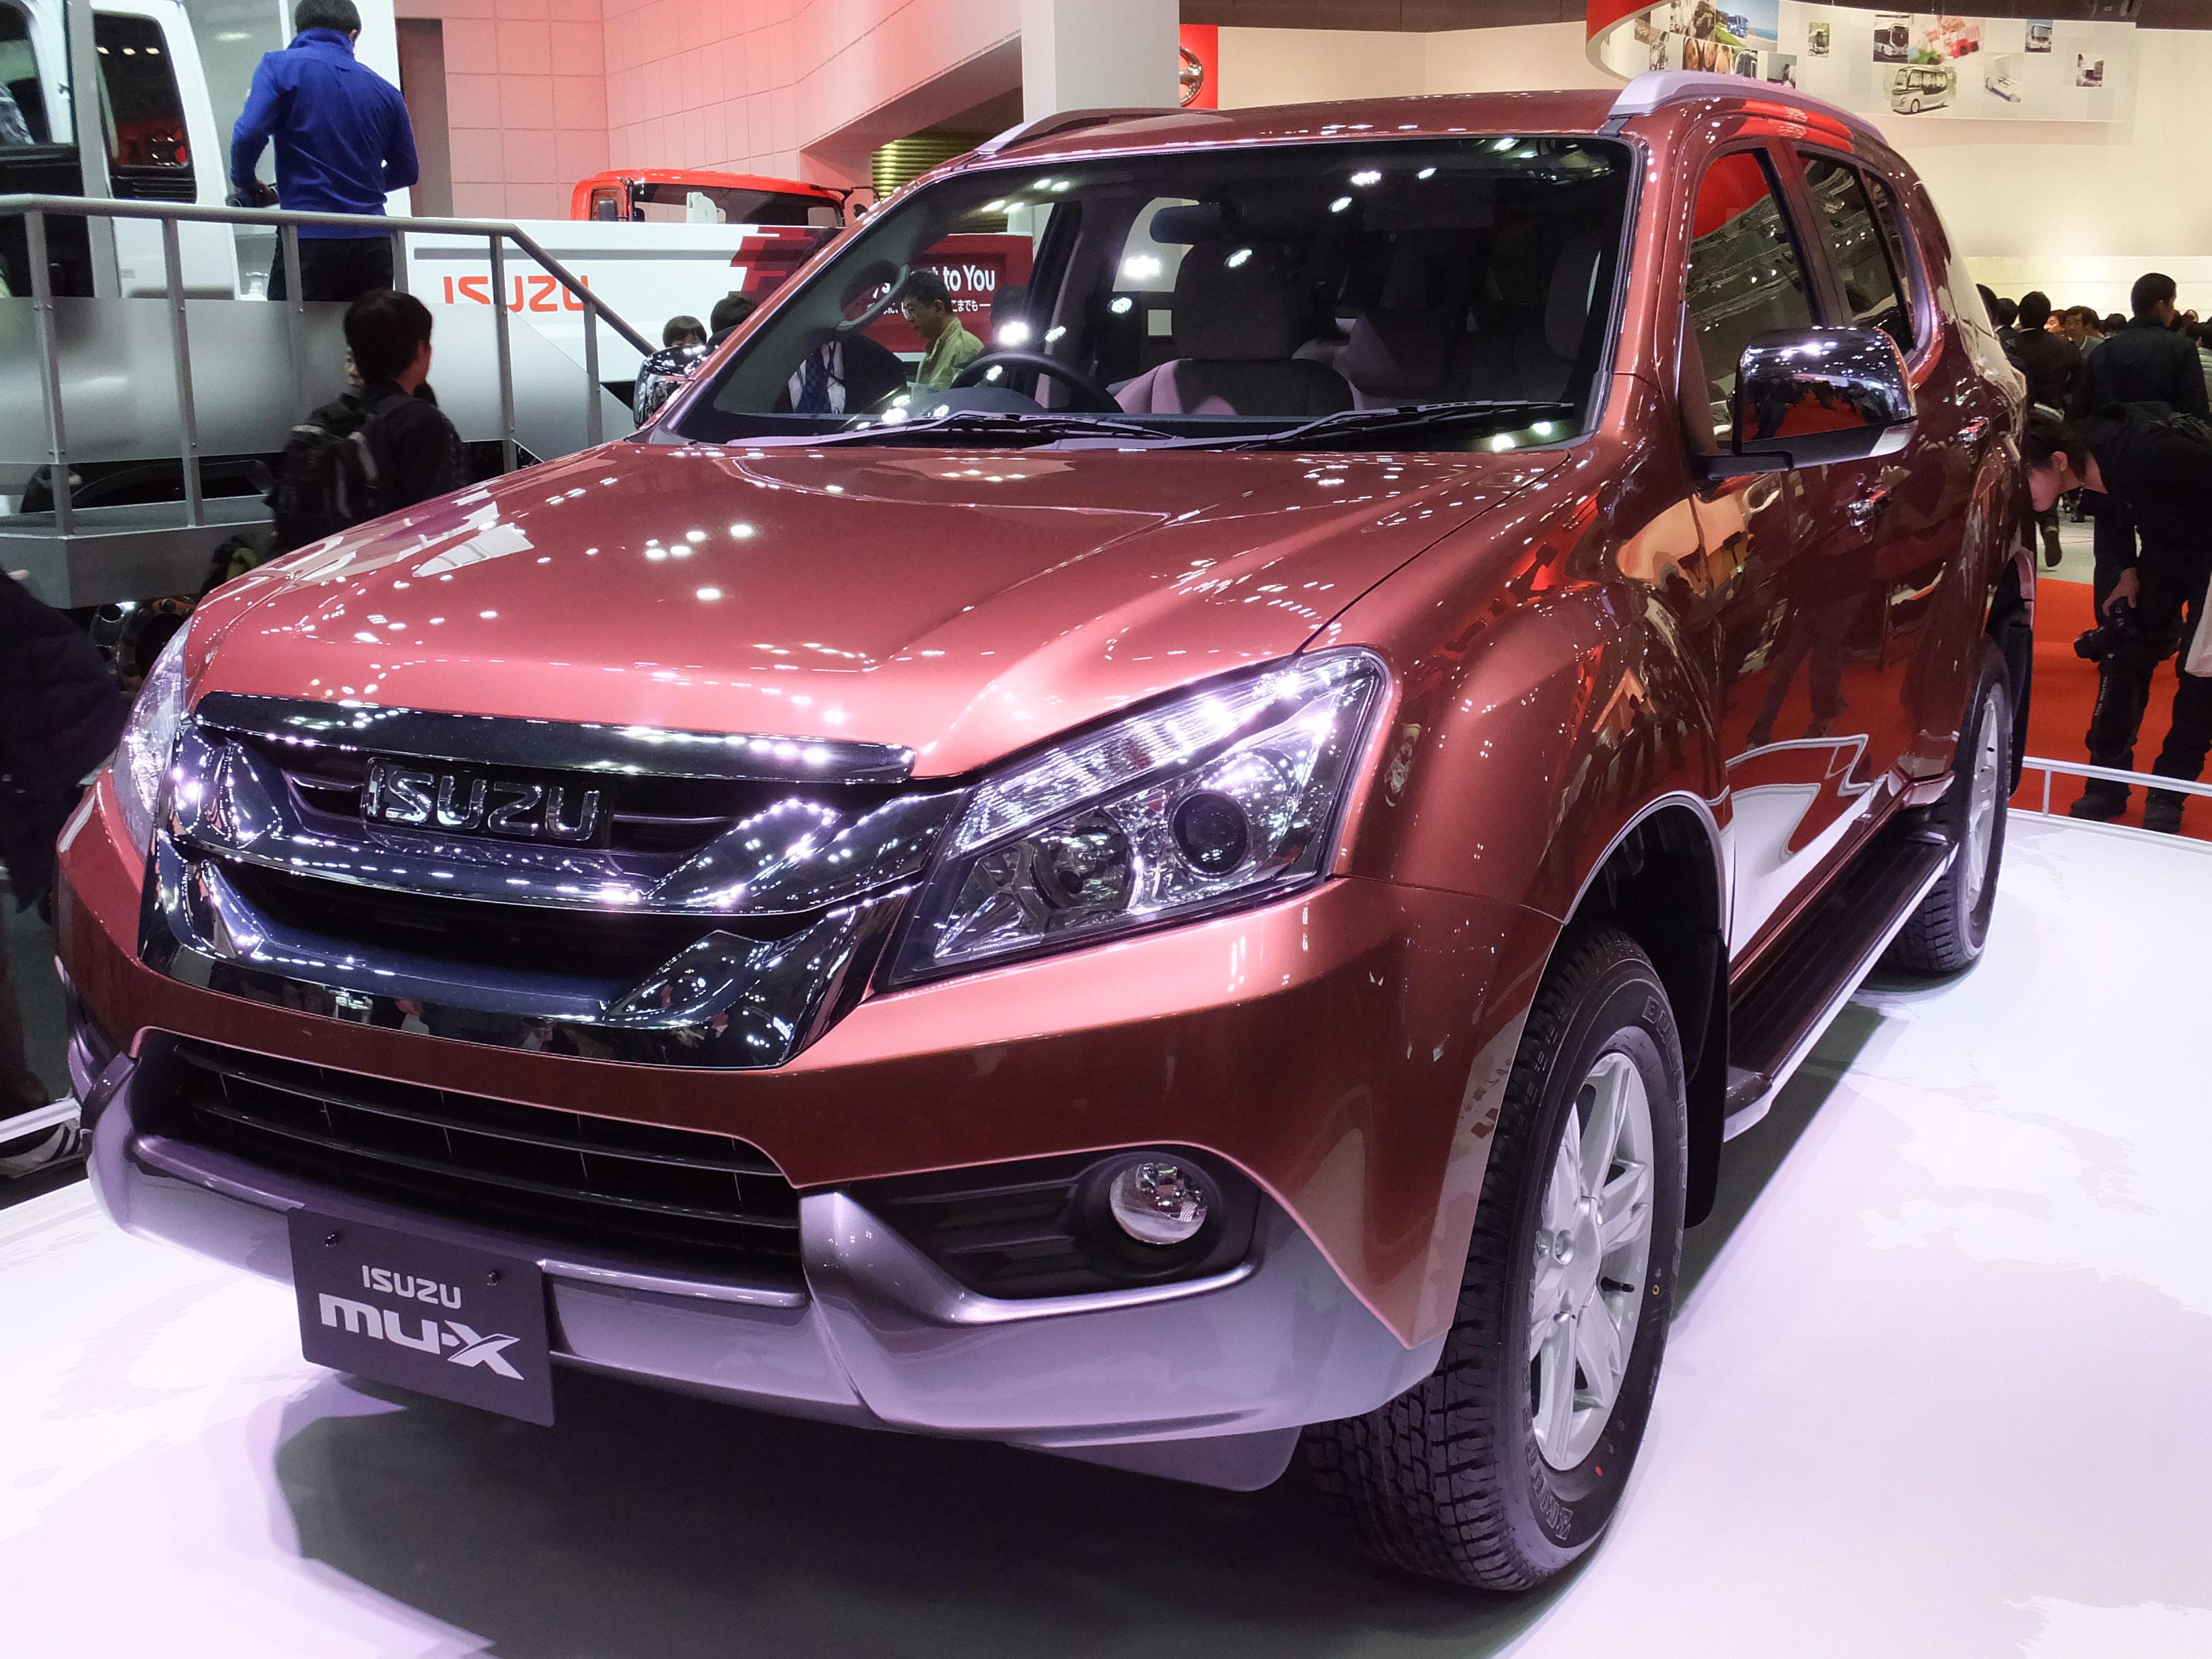 isuzu mu x 2014 philippines html car review specs price and isuzu mu